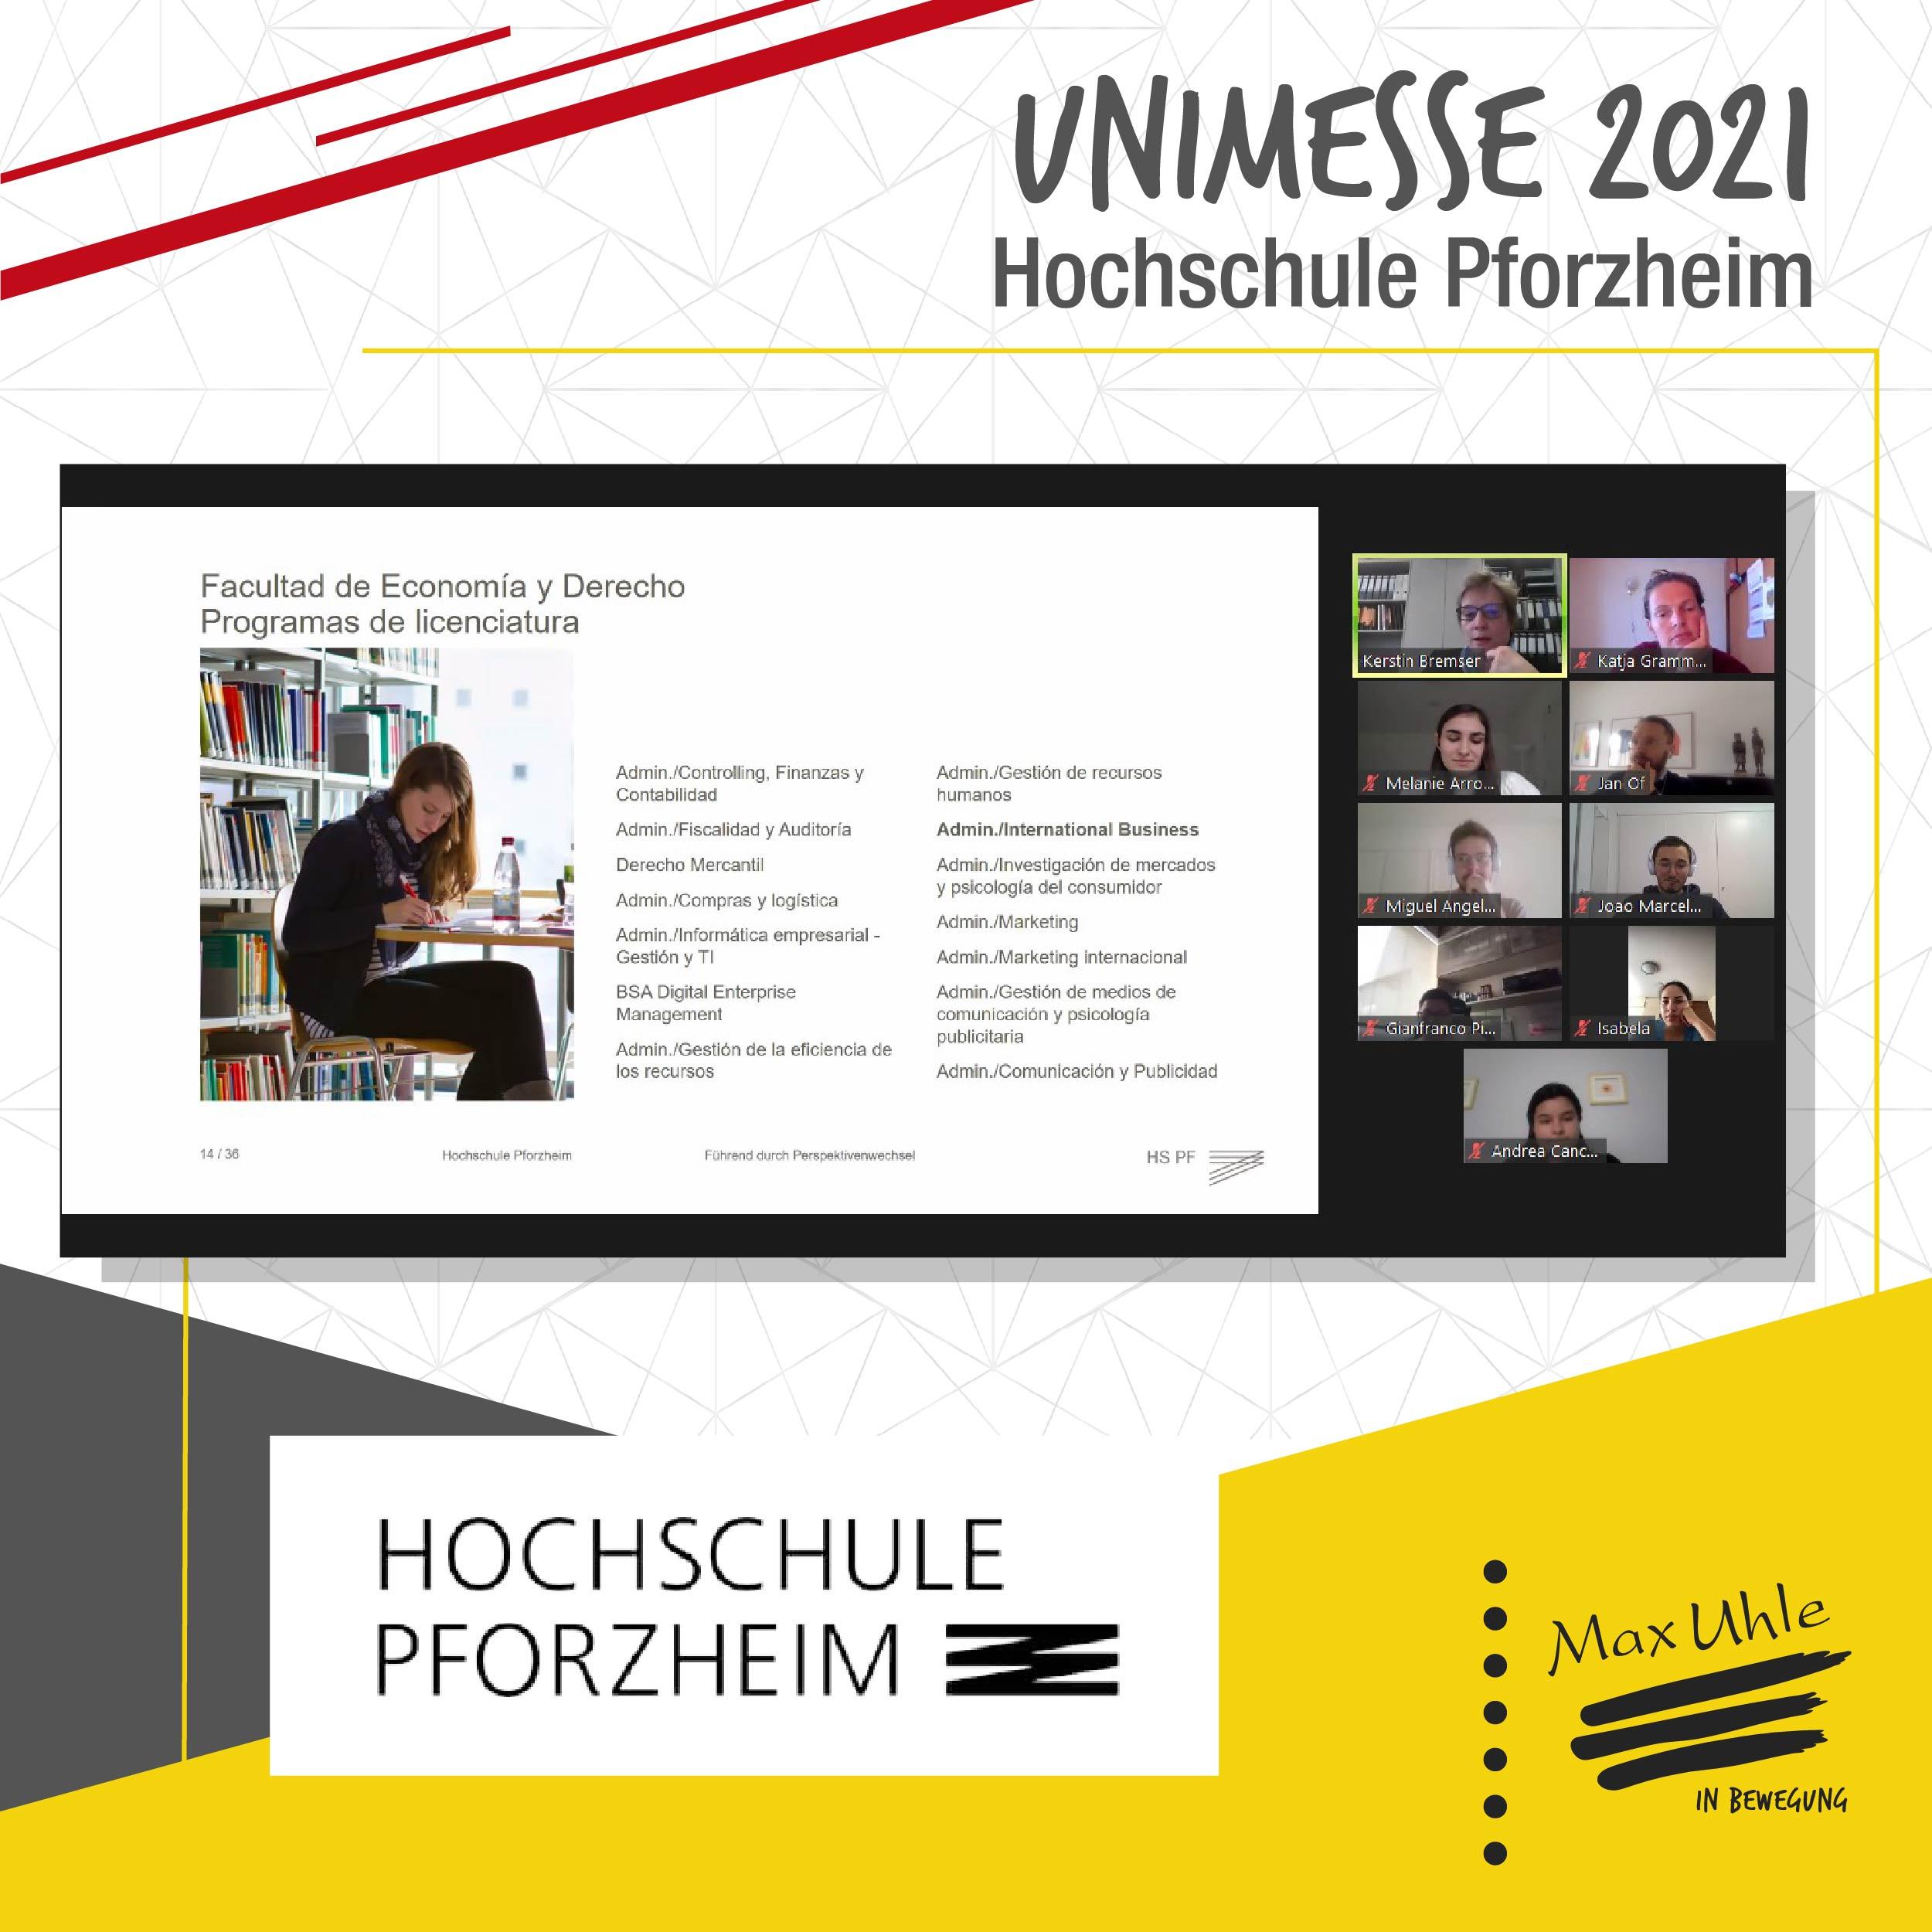 Pzorheim - Unimesse 2021 Colegio Max Uhle